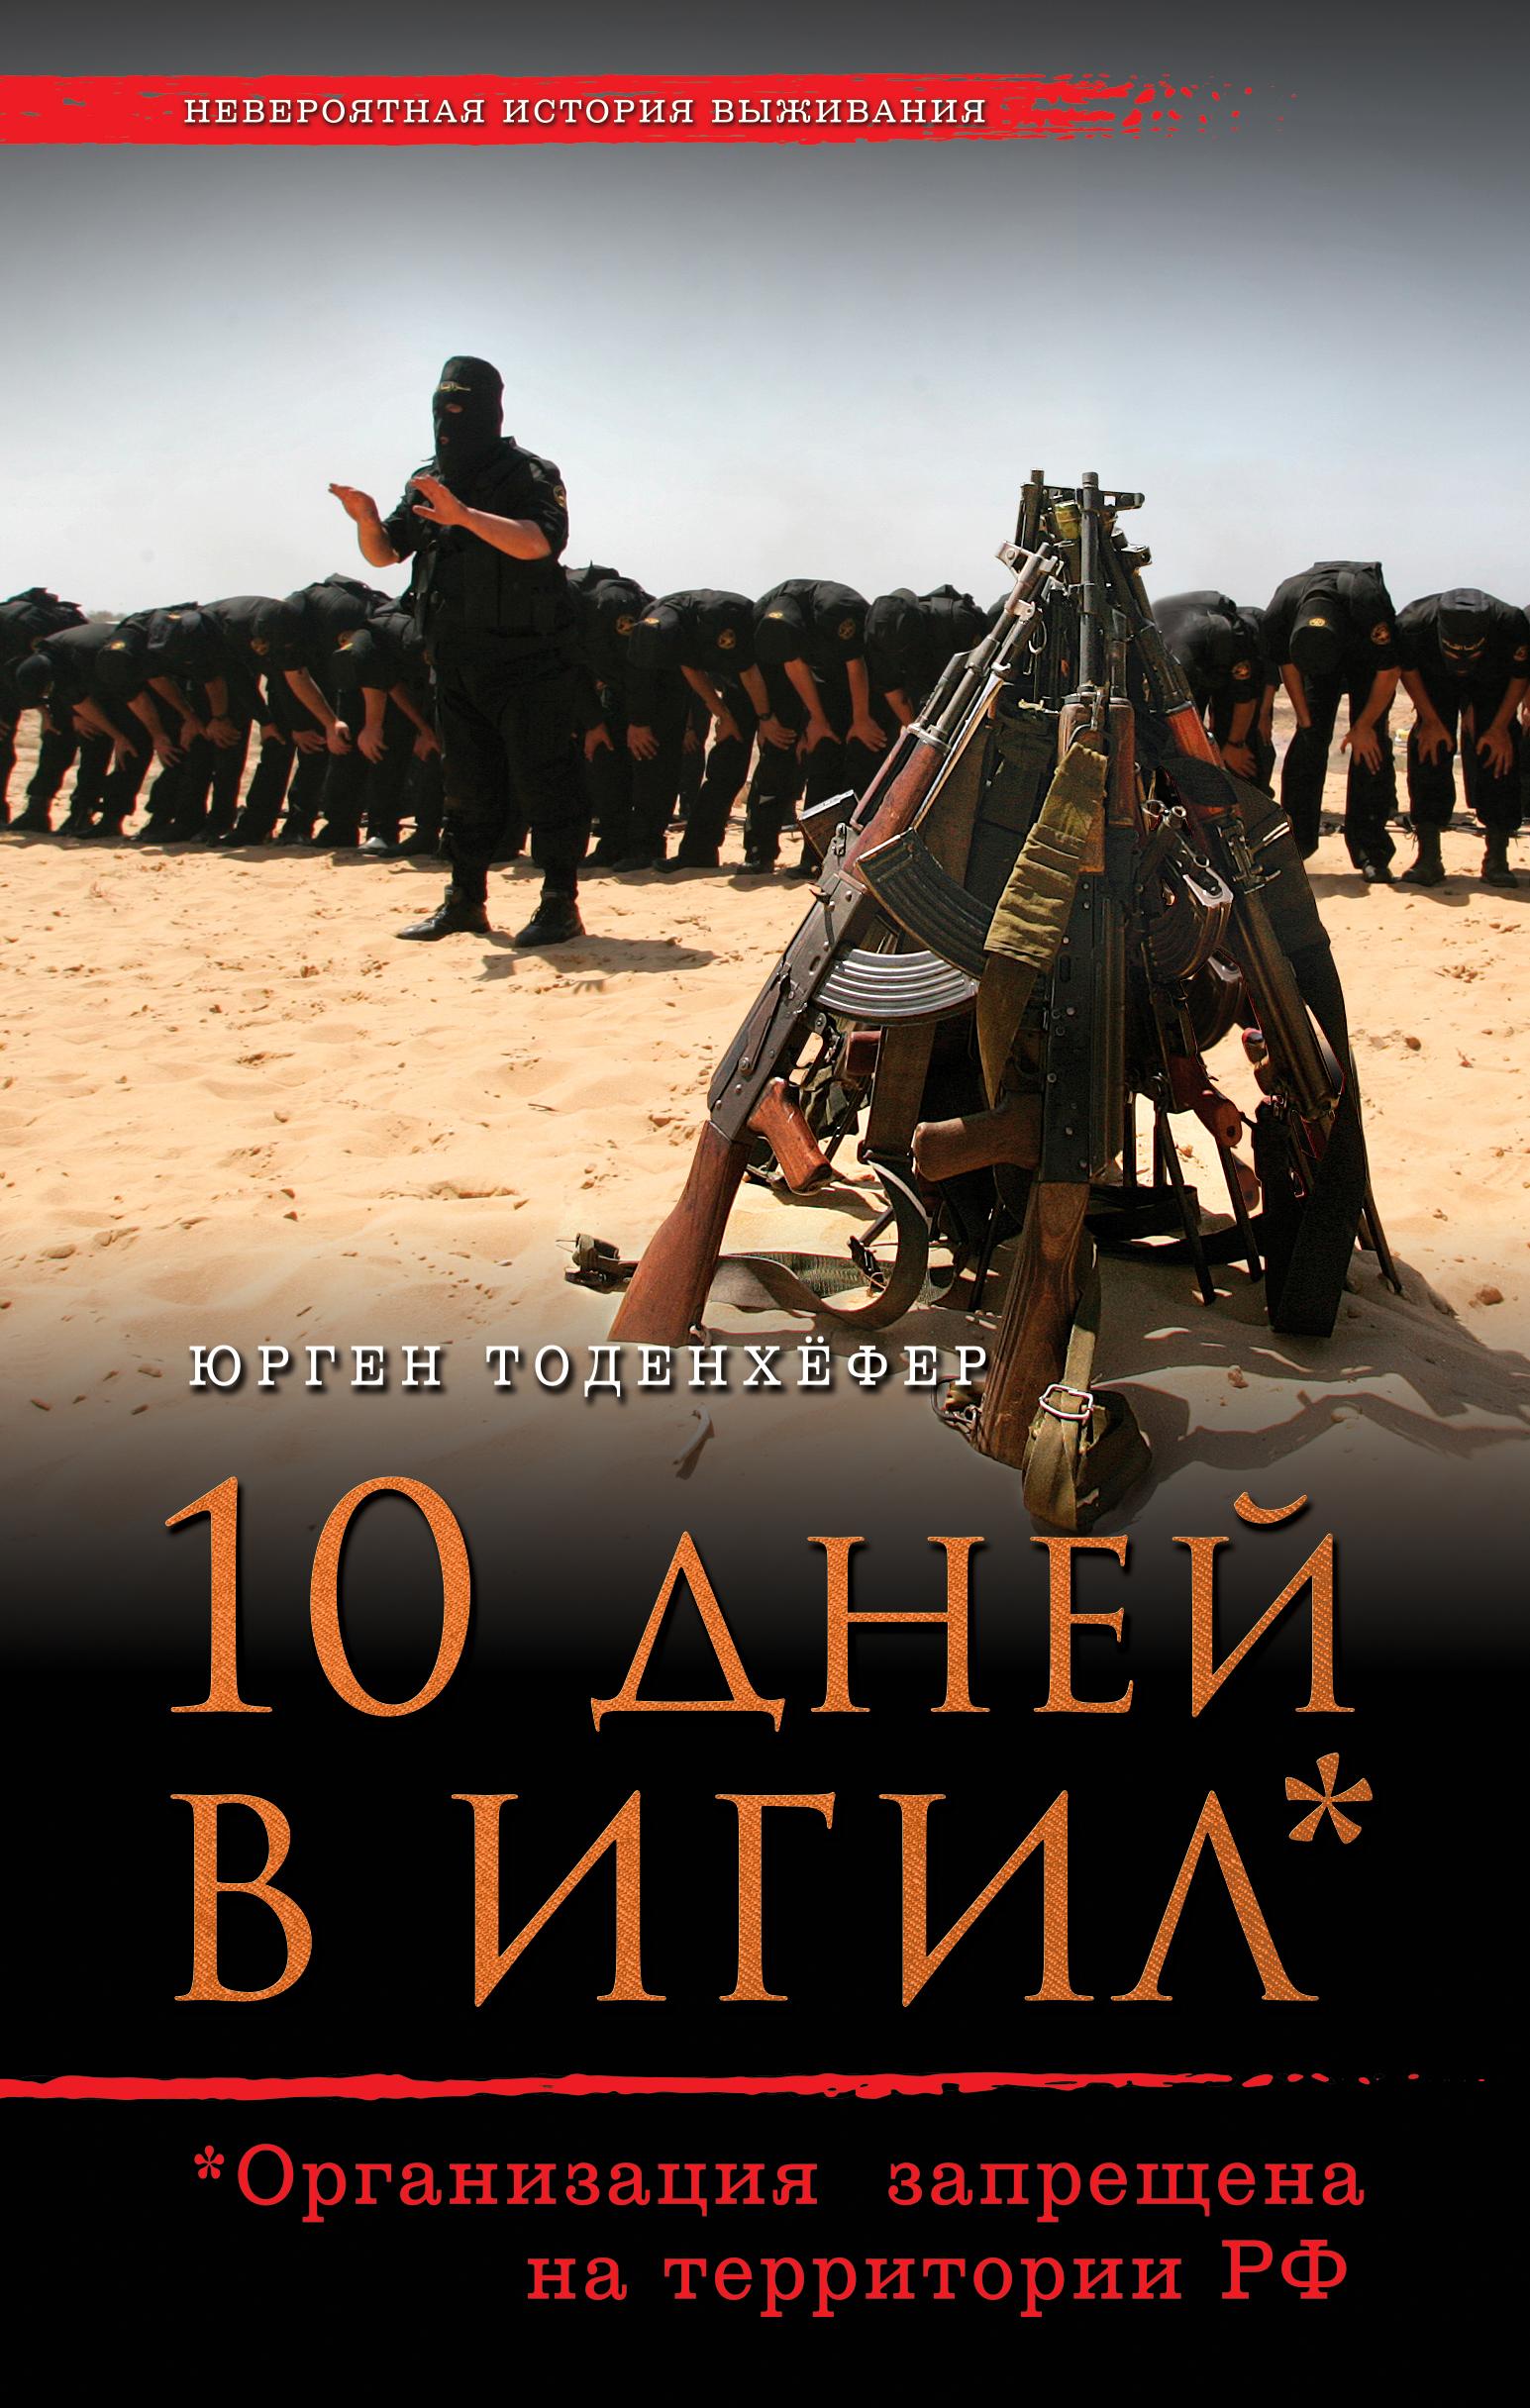 Книга 10 дней в ИГИЛ. Юрген Тоденхёфер